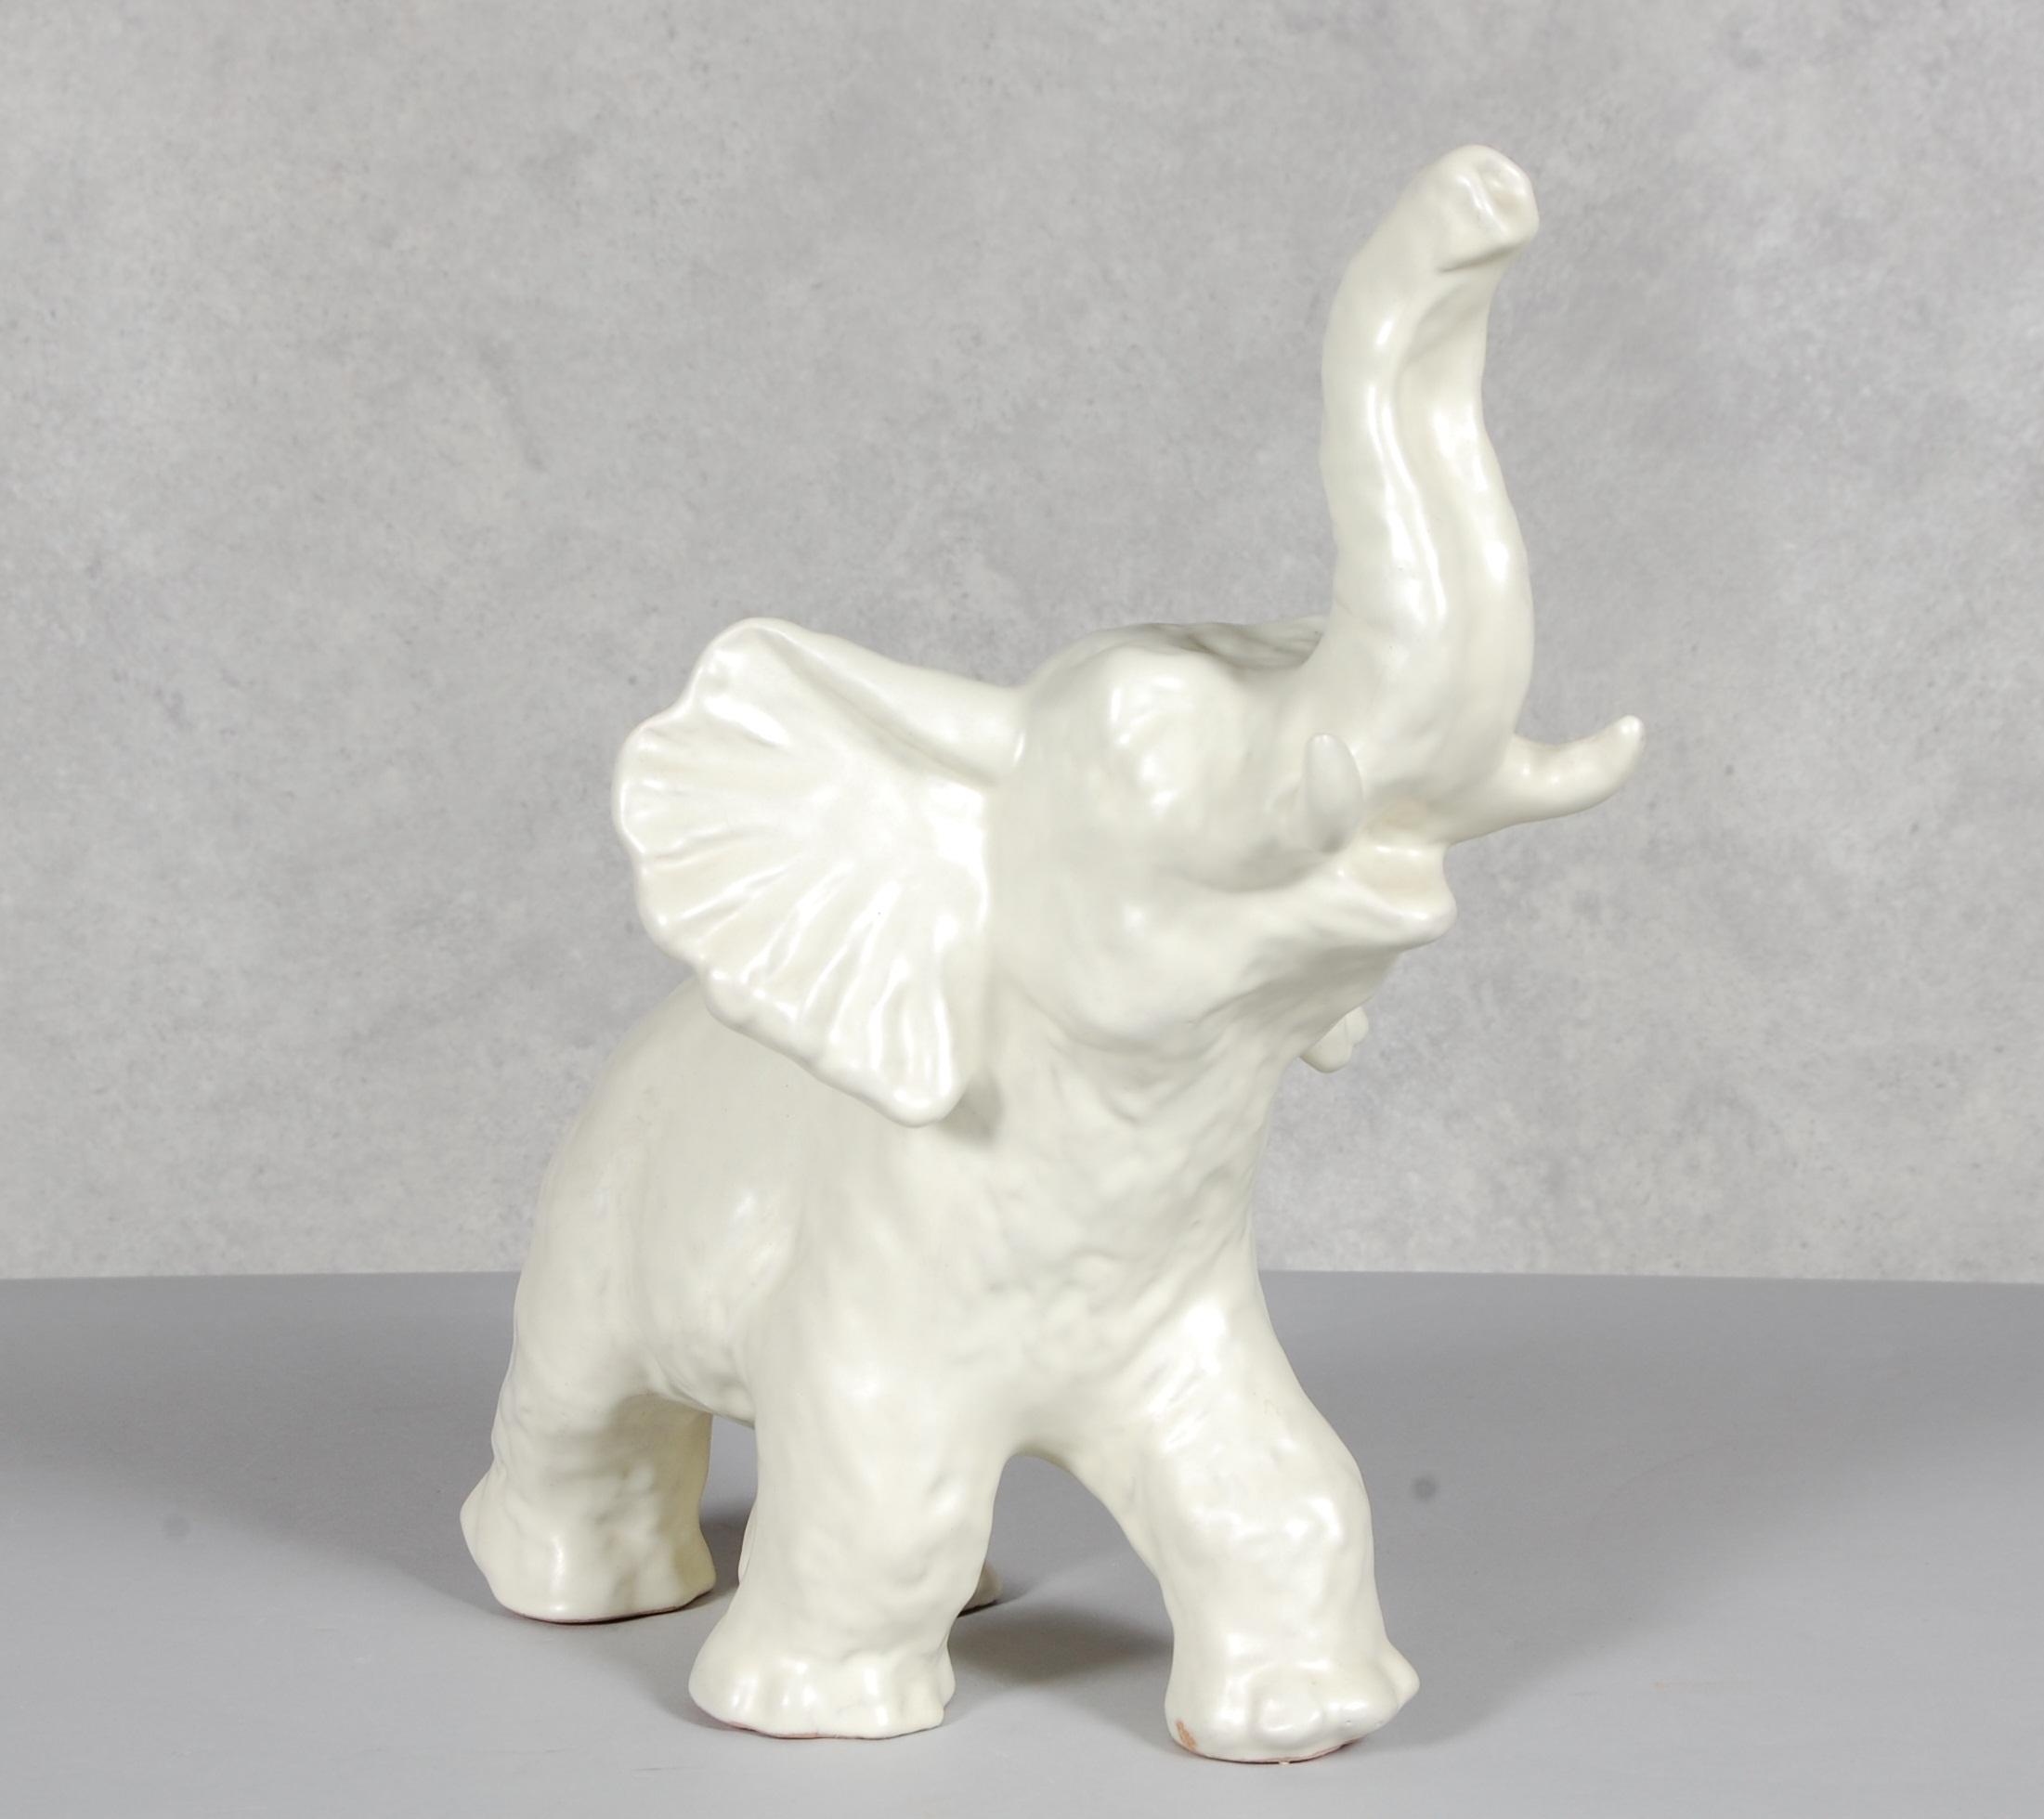 keramik elefant FIGURIN, elefant, keramik. Ceramics & Porcelain   European   Auctionet keramik elefant